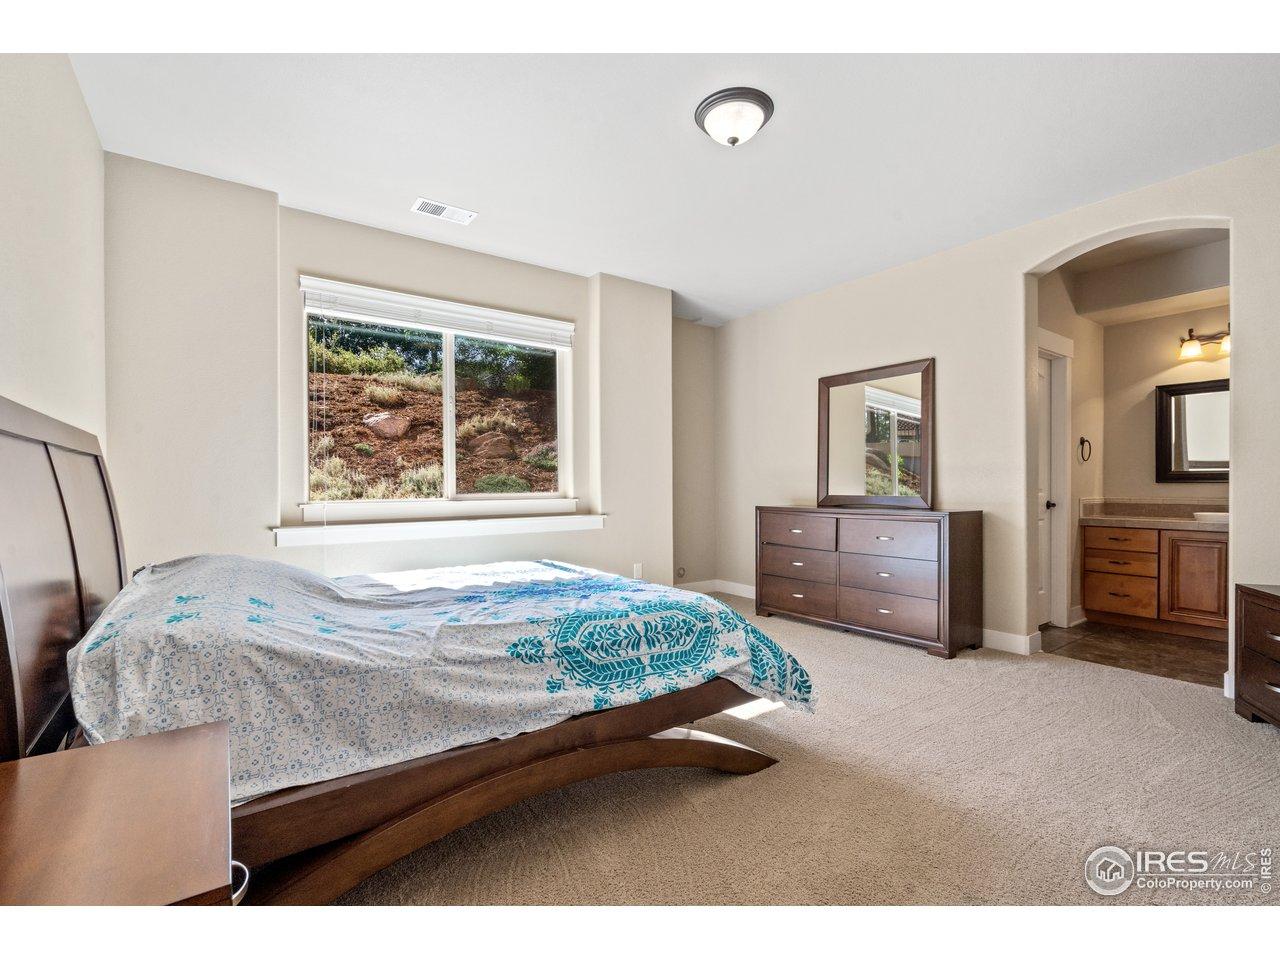 4th Bedroom in Basement